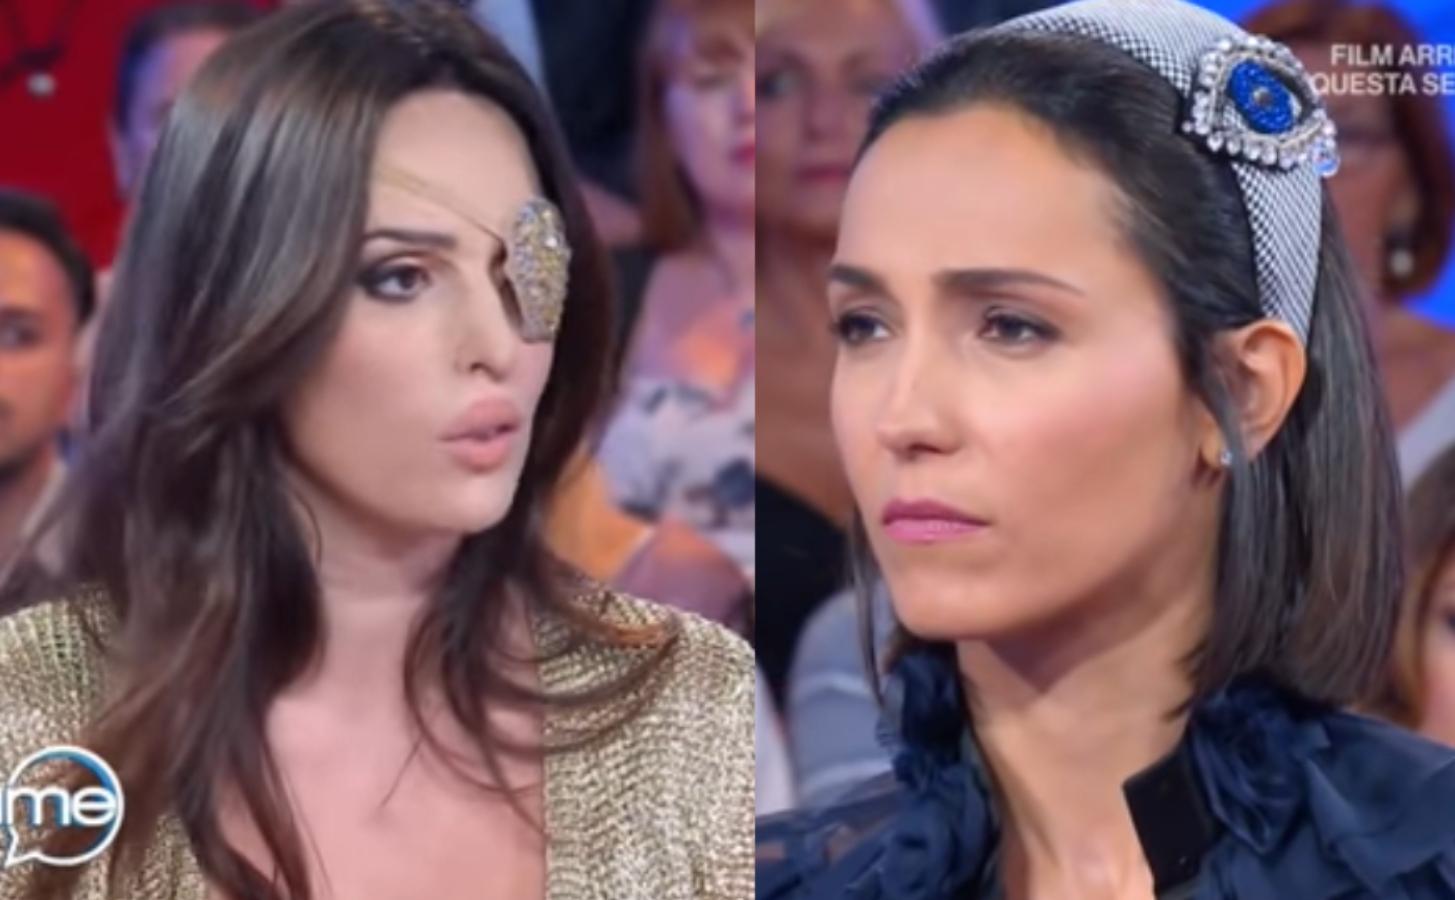 Gessica Notaro ospite a Vieni da me, una frase fa infuriare Caterina Balivo: «Non è possibile...». Pubblico allibito